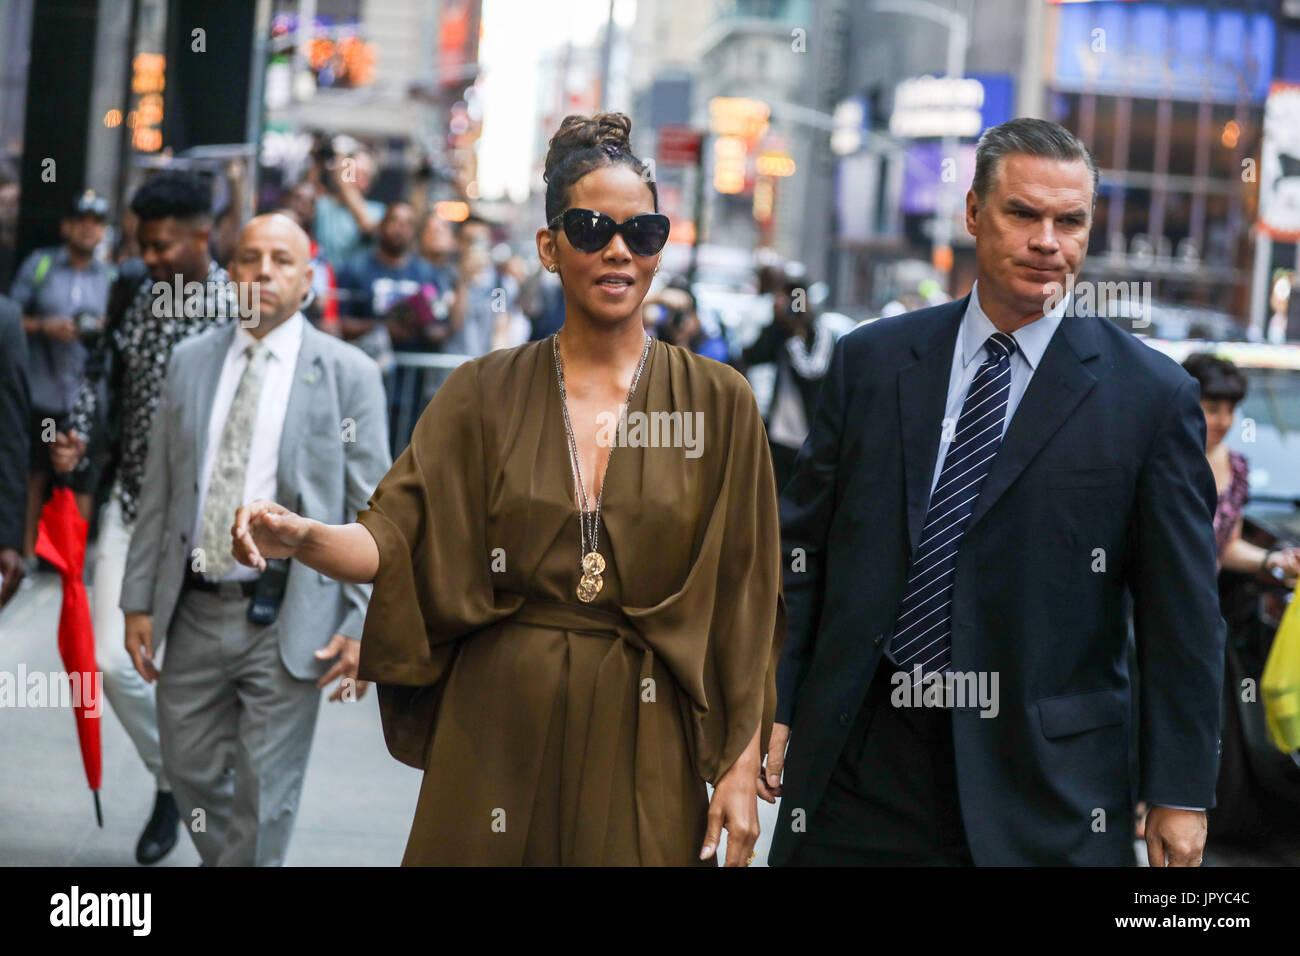 New York, Stati Uniti d'America. Il 3° agosto 2017. Actrice americano Halle Berry è visto arrivare Immagini Stock